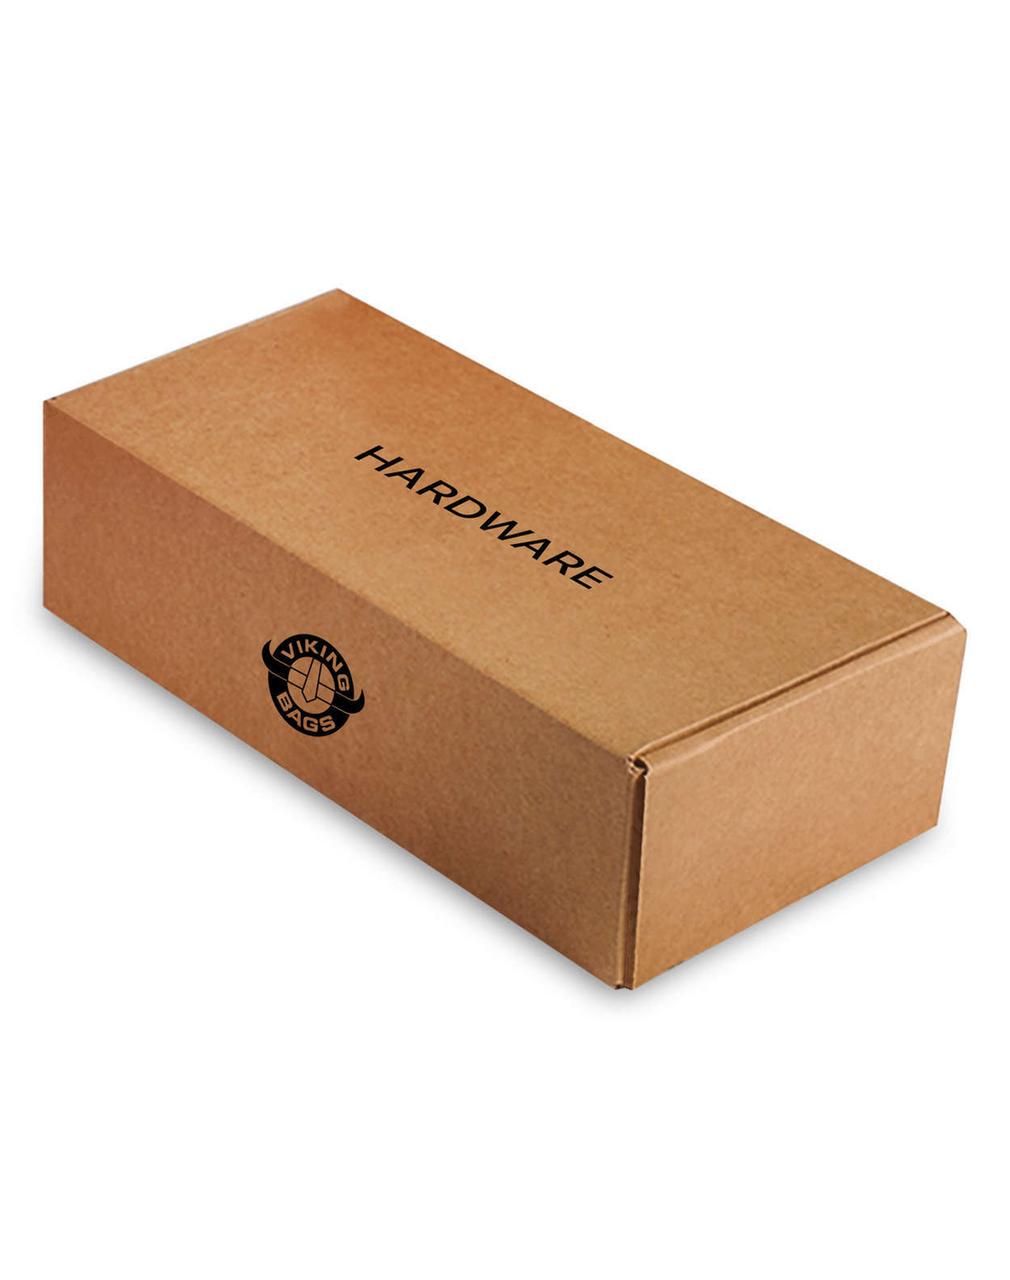 Triumph Rocket III Range Slanted Large Motorcycle Saddlebags Box